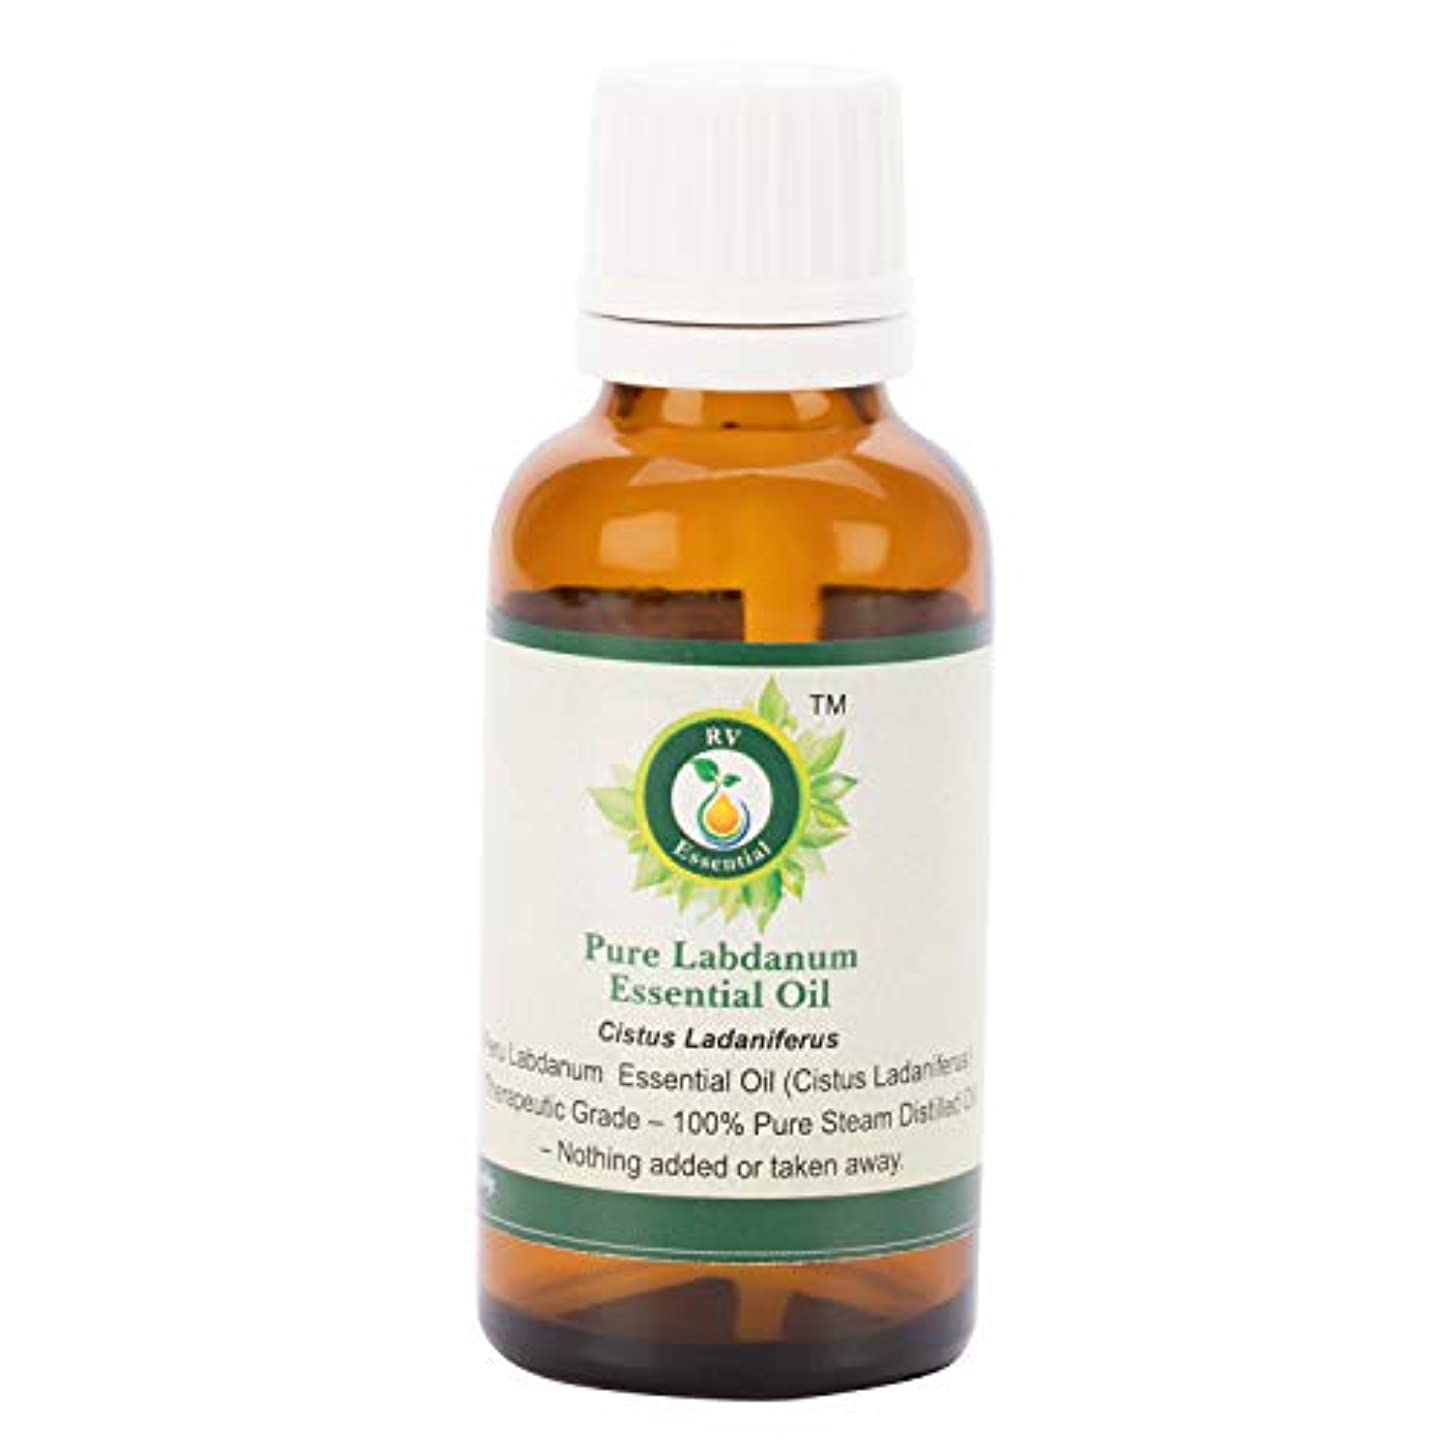 メイト肺炎農民ピュアLabdanumエッセンシャルオイル300ml (10oz)- Cistus Ladaniferus (100%純粋&天然スチームDistilled) Pure Labdanum Essential Oil